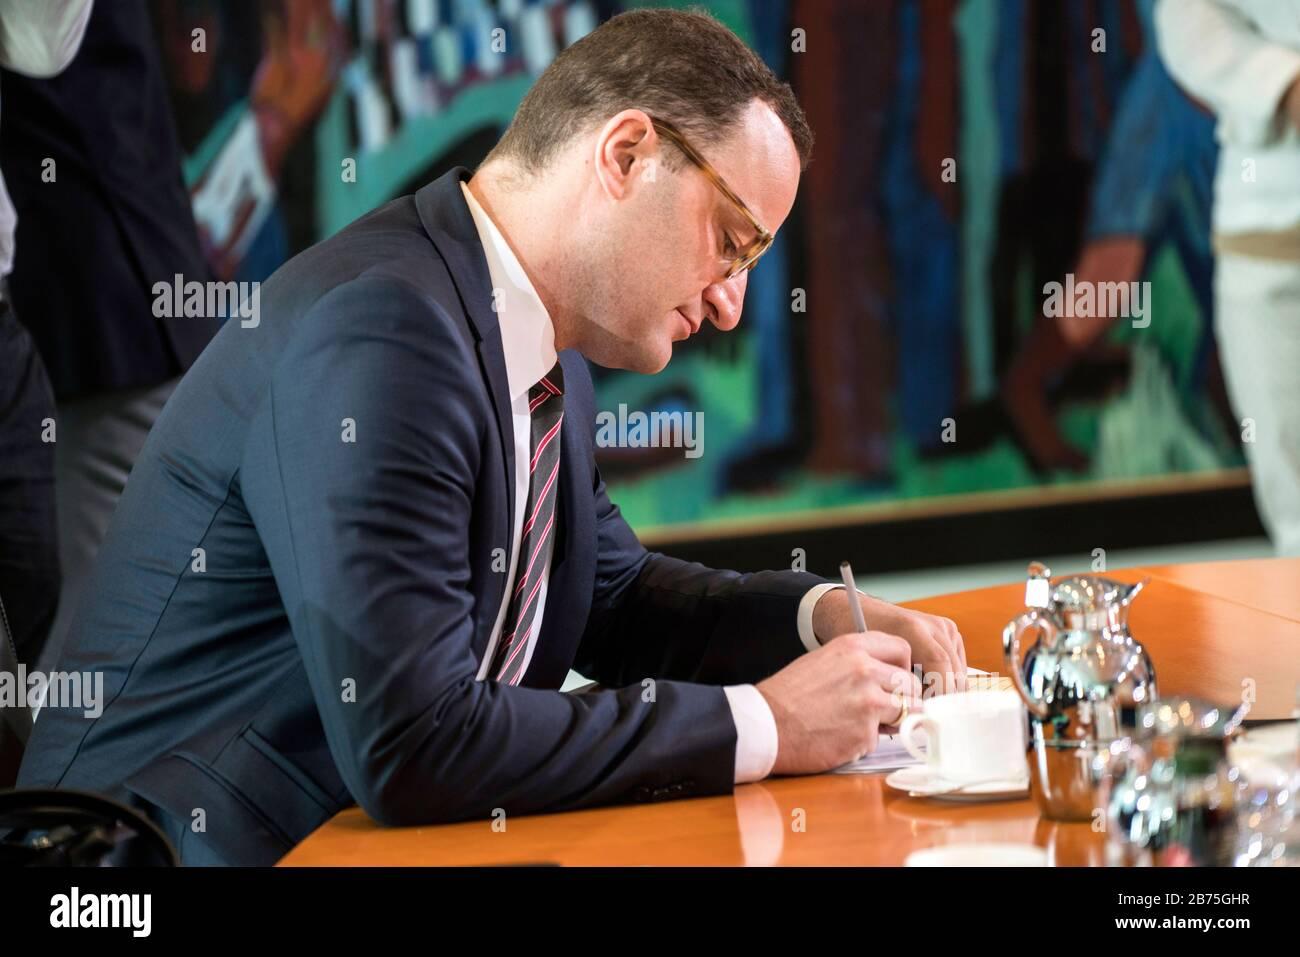 Jens Spahn Stockfotos und -bilder Kaufen - Alamy